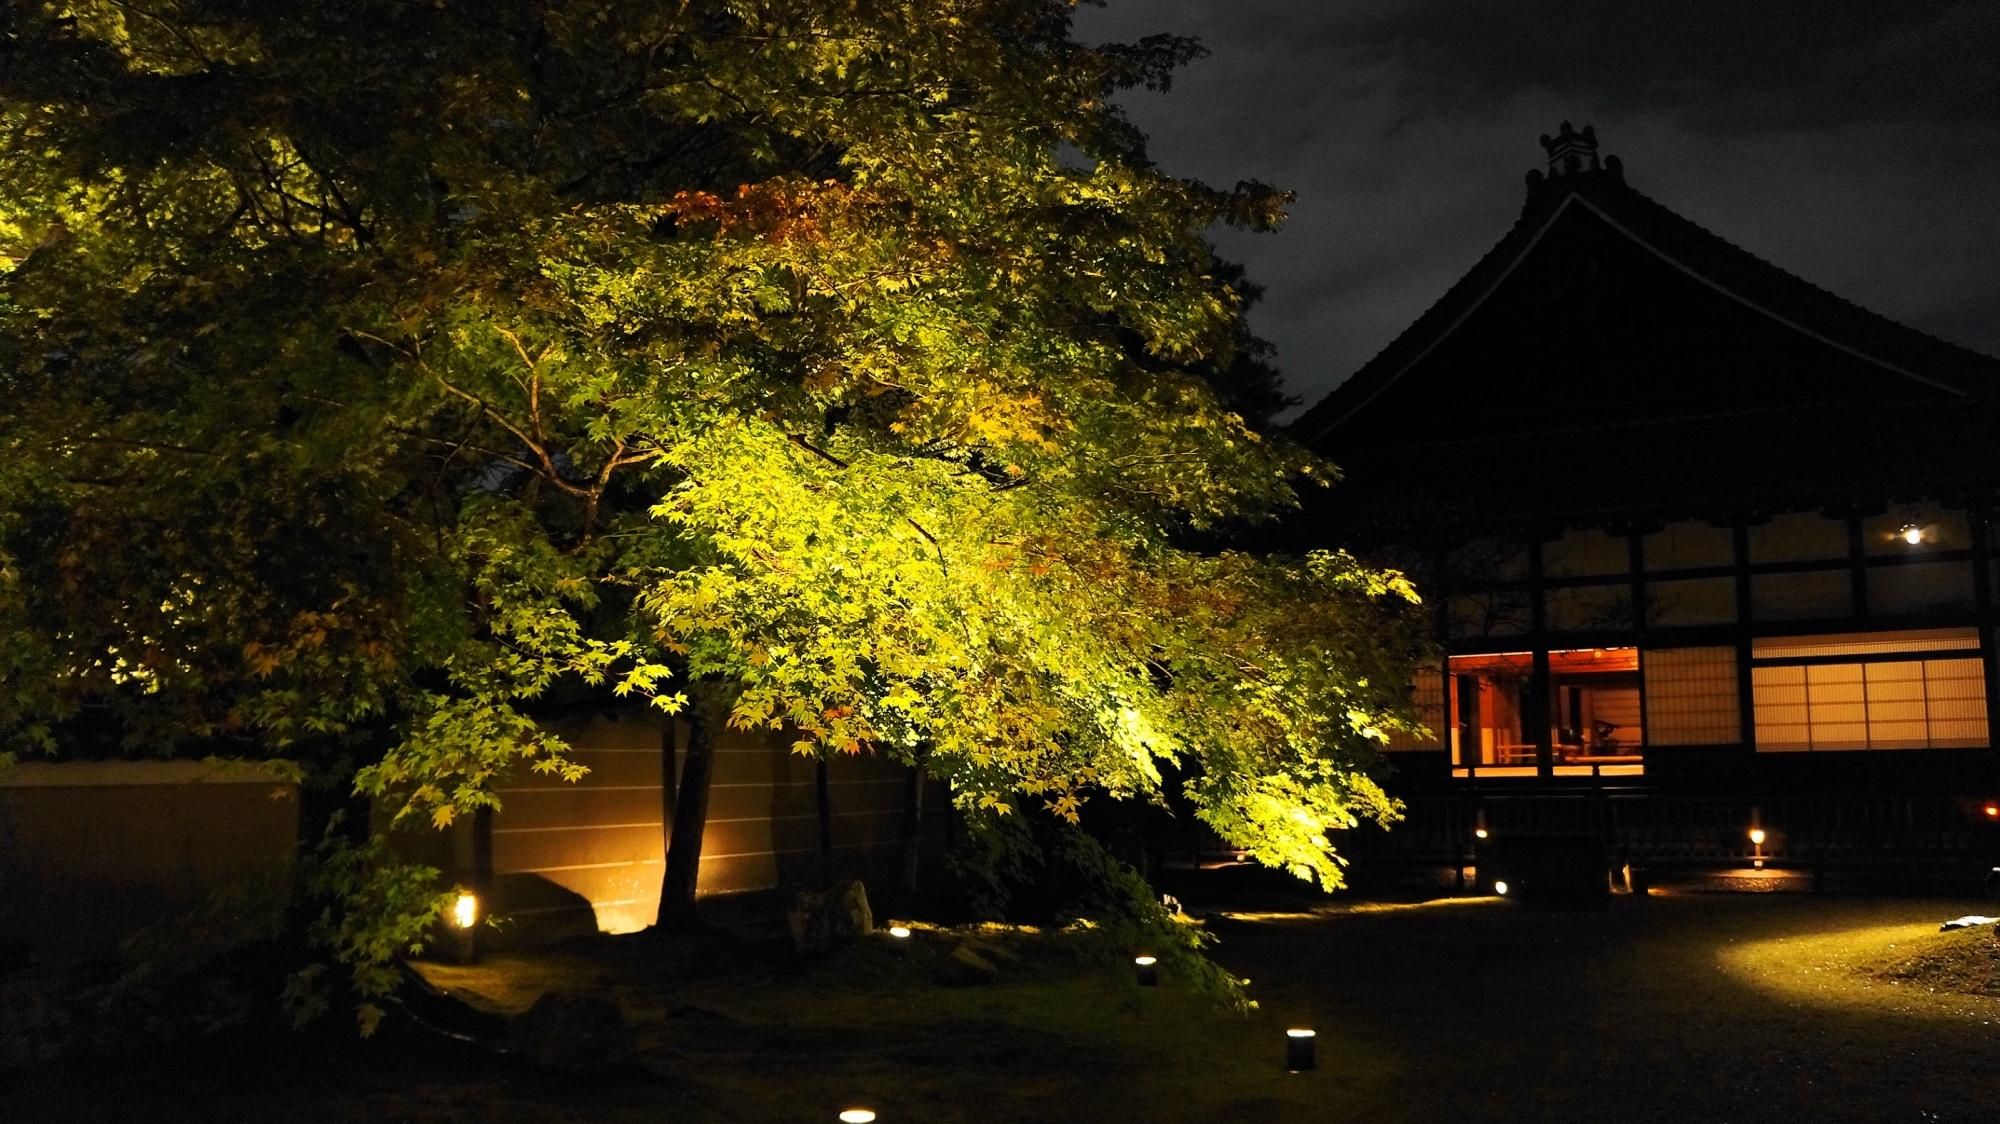 高台寺庭園と方丈のライトアップ